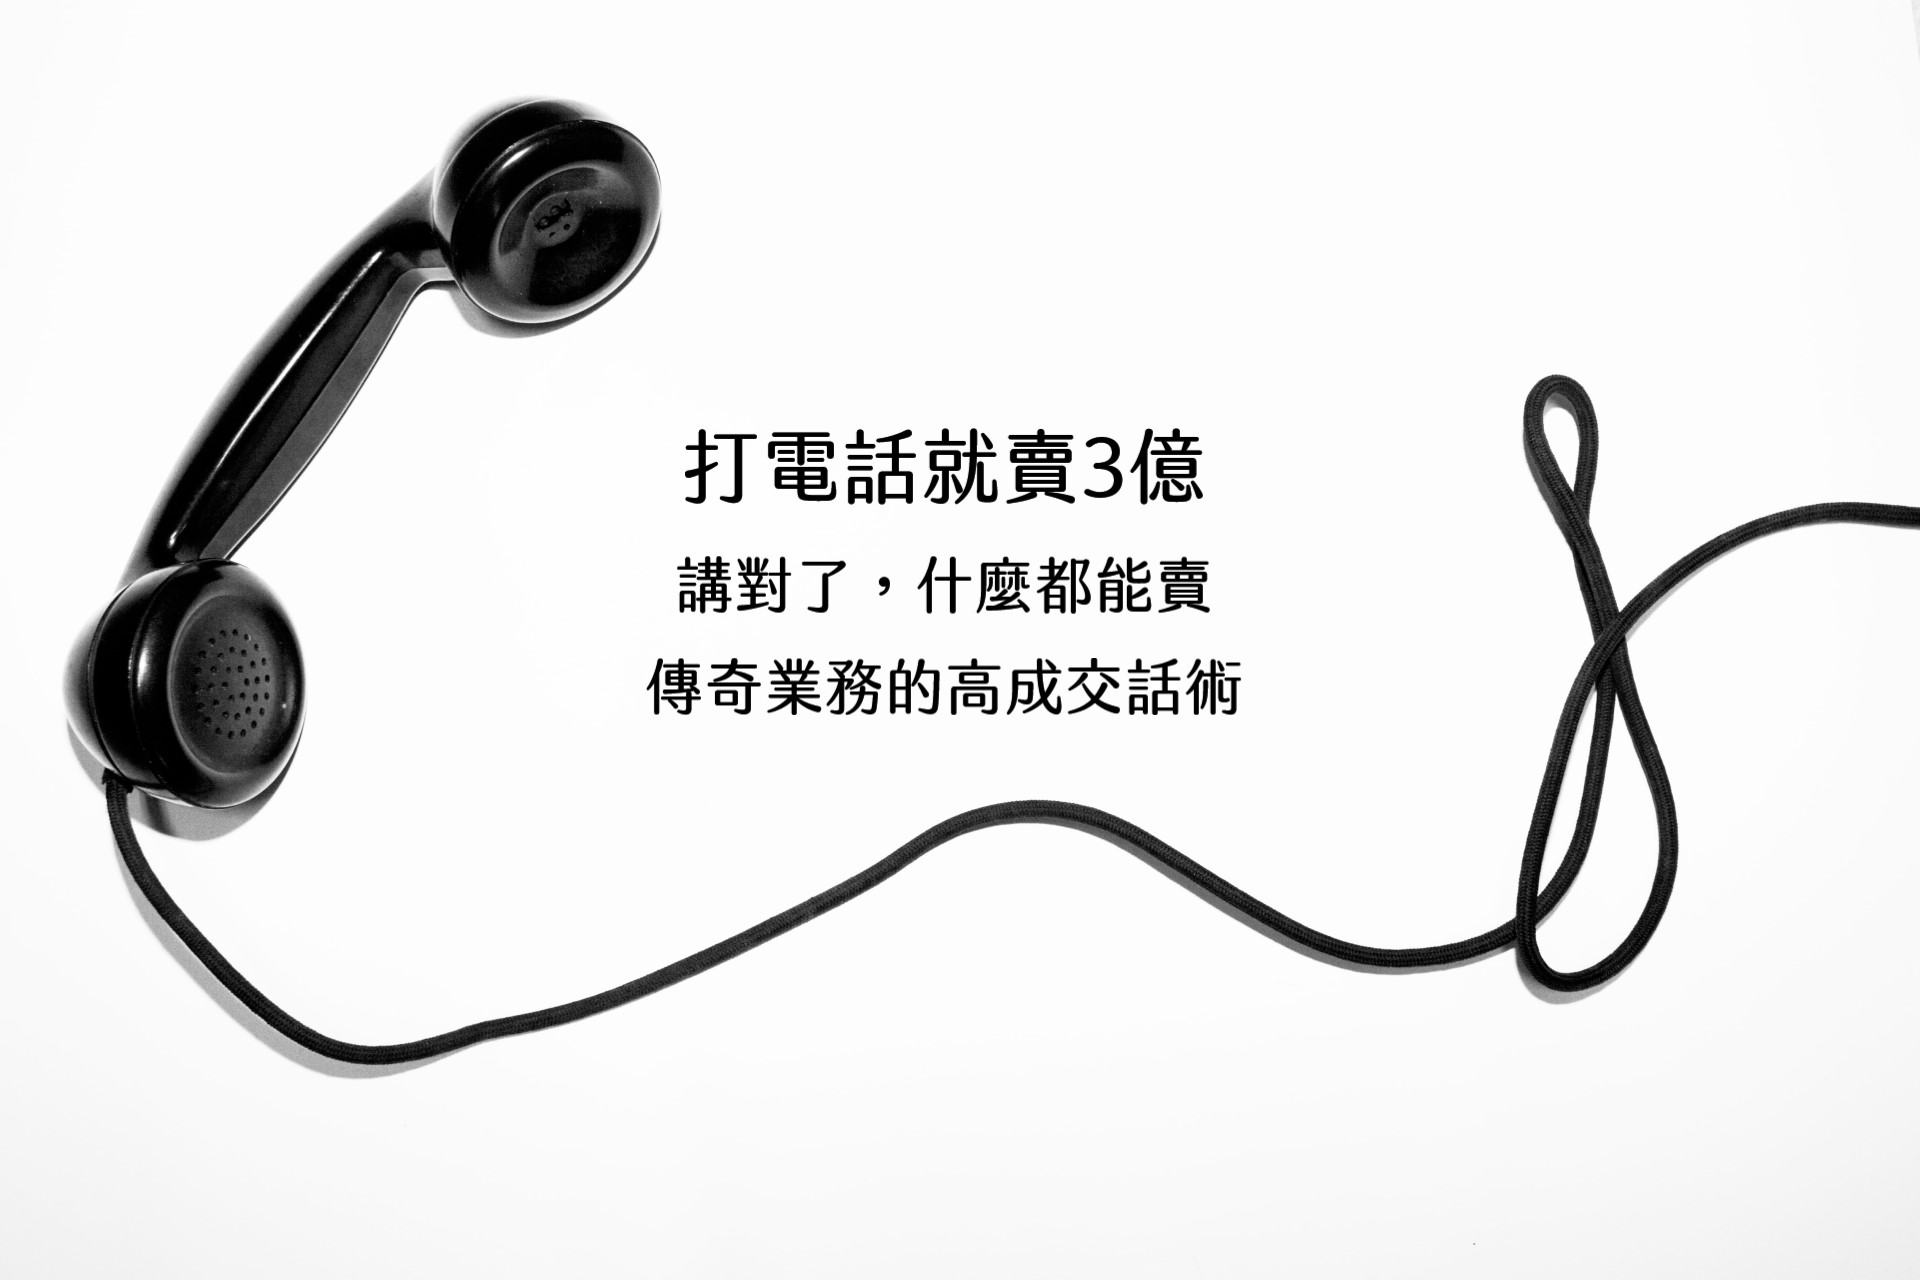 【嘉鴻筆記】打電話就賣3億:講對了,什麼都能賣,傳奇業務的高成交話術 4